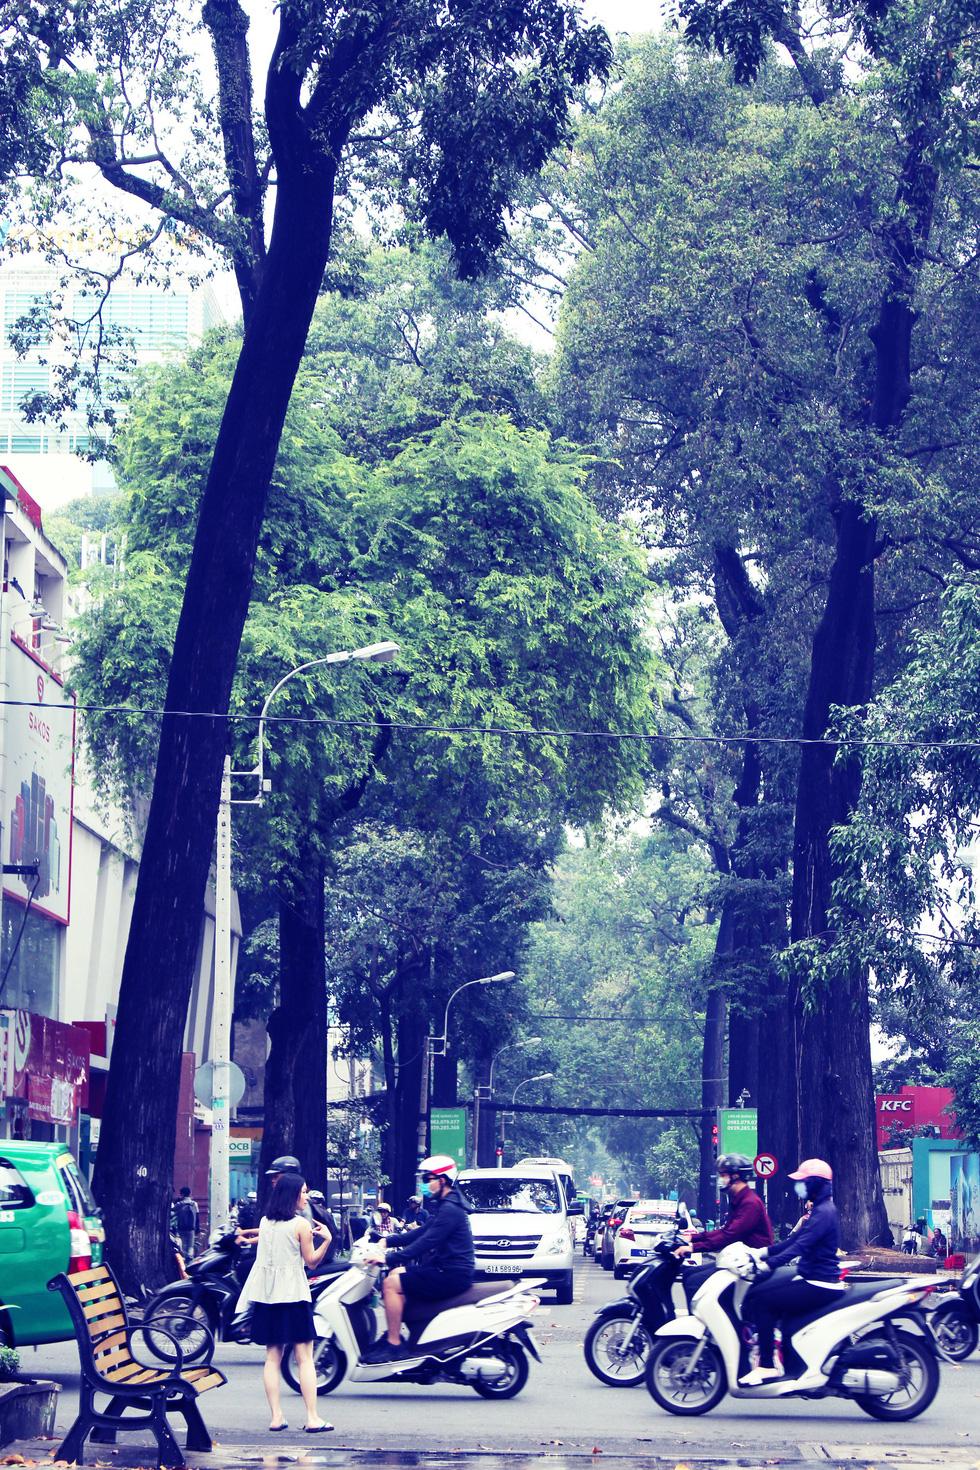 Hàng cây xanh trên đường Phạm Ngọc Thạch (quận 3) che mát cổng Trường đại học Kinh tế TP.HCM